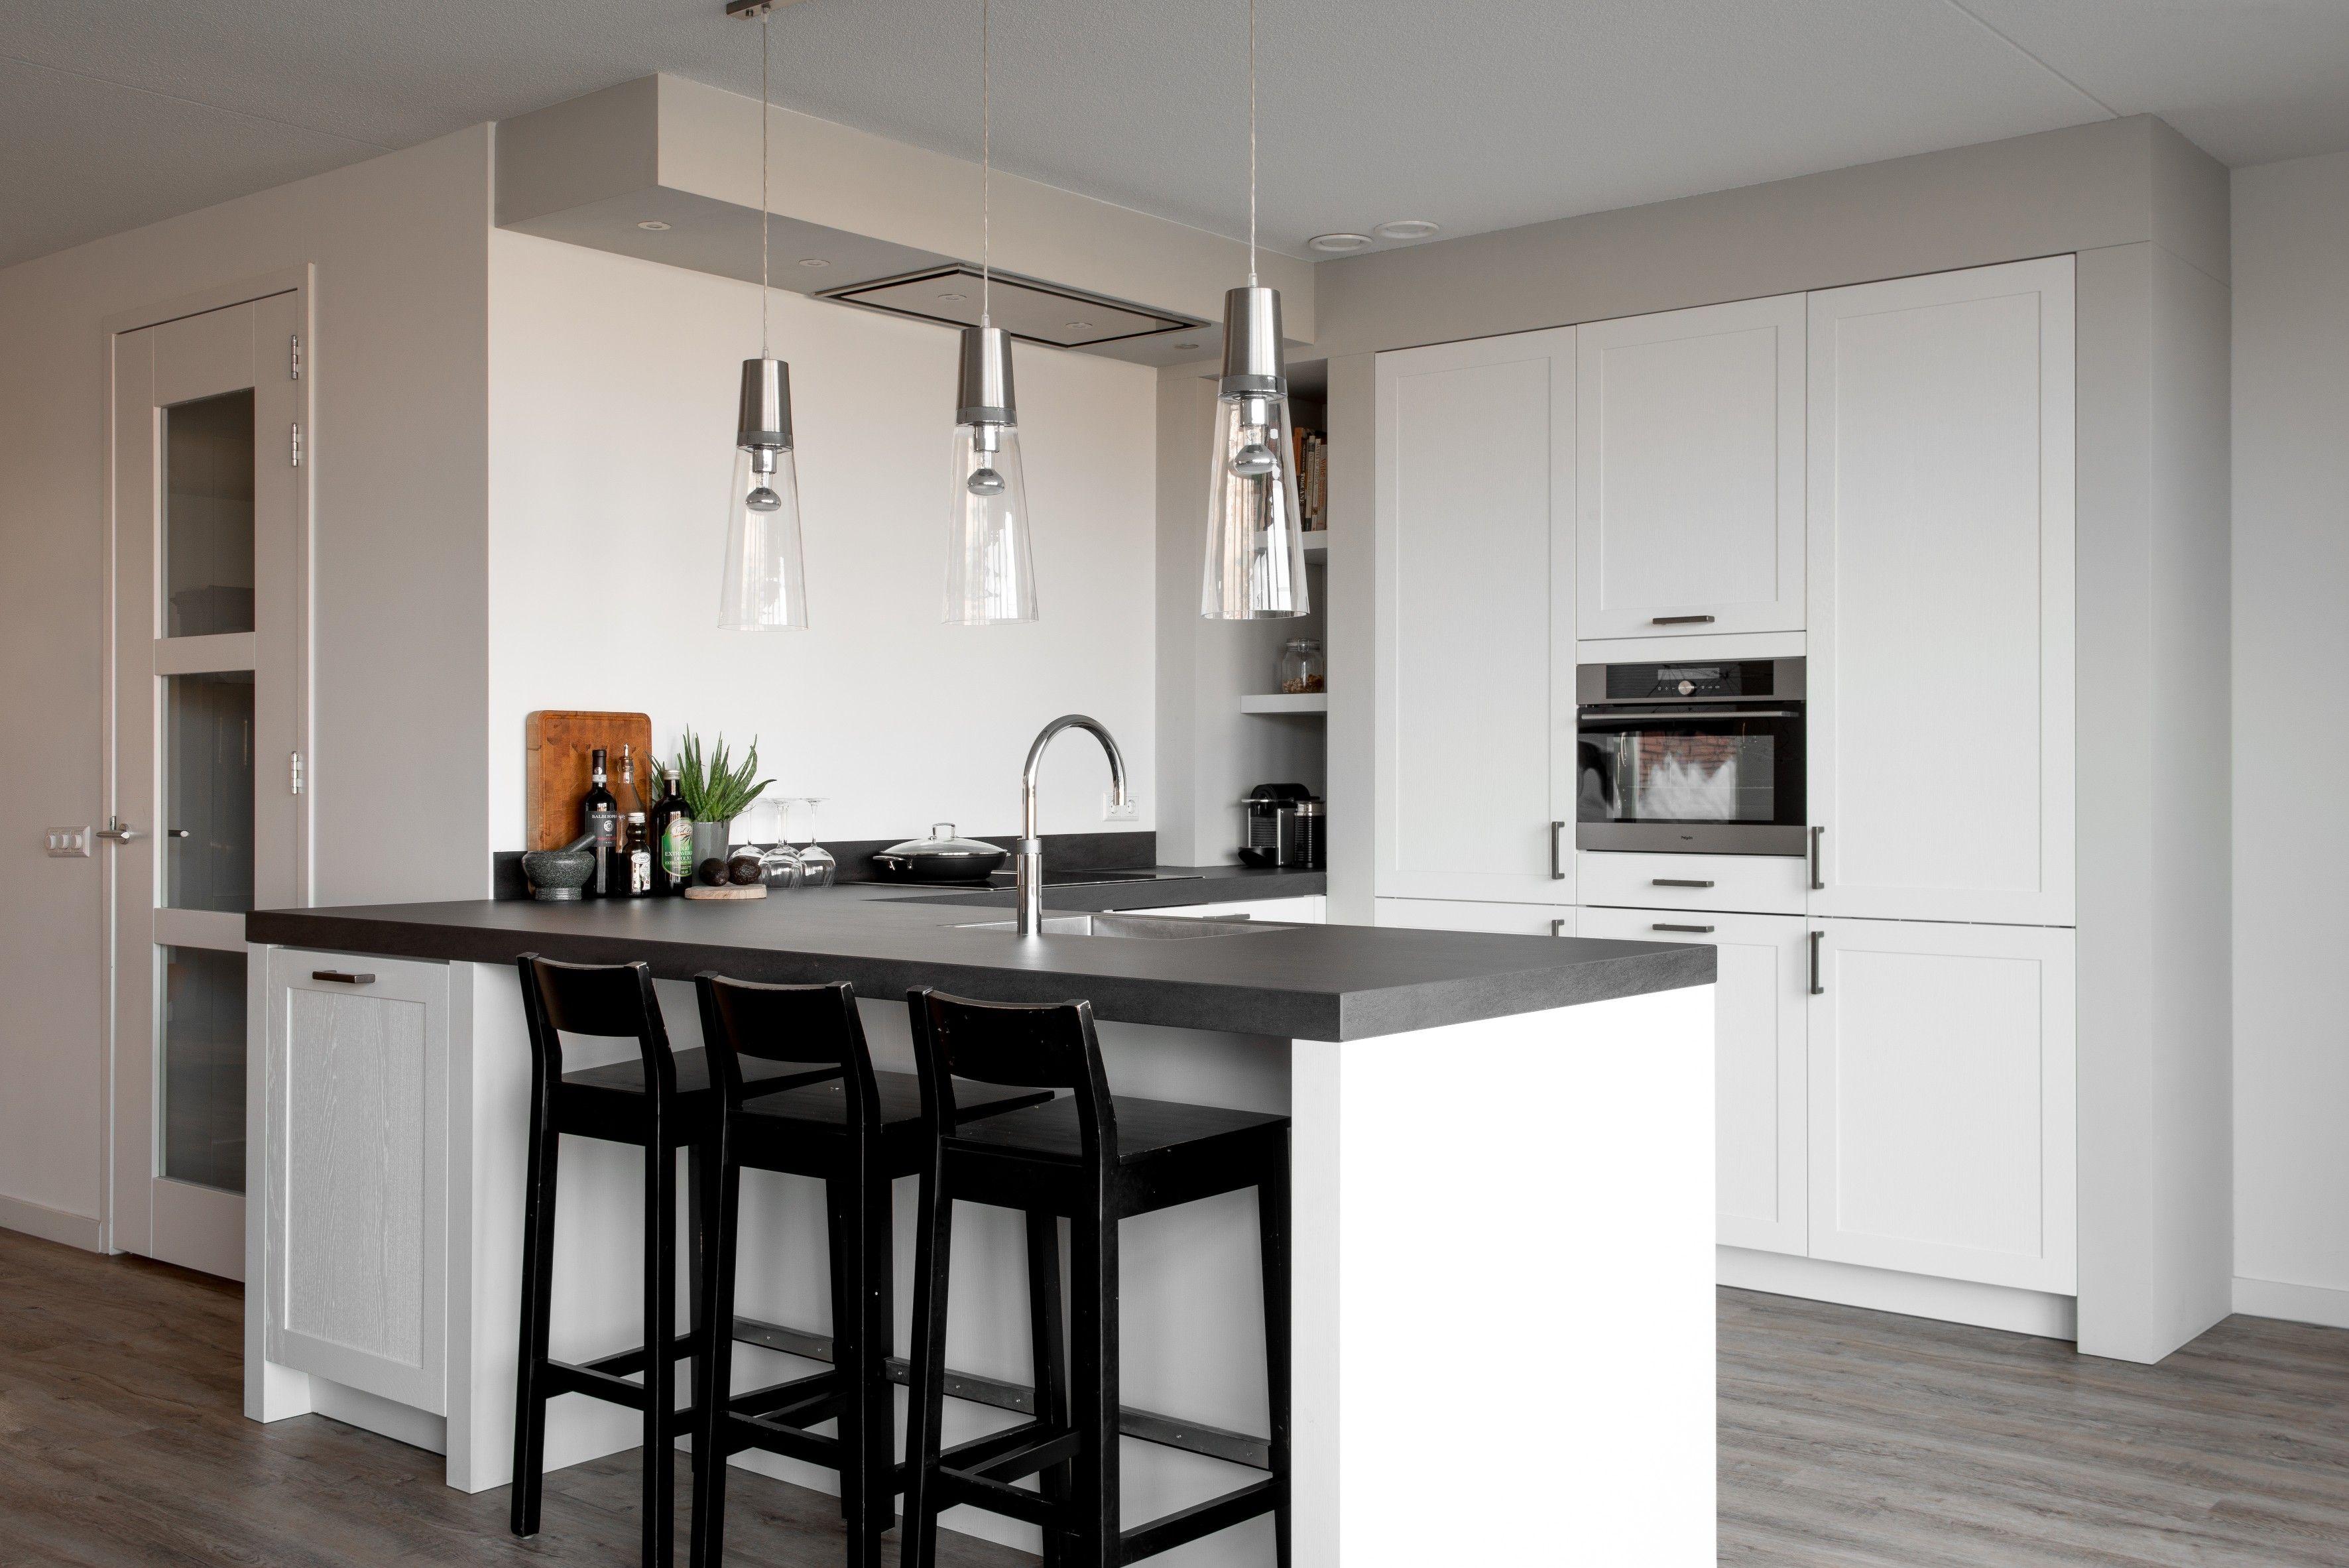 Moderne U Keukens : Deze witte u keuken combineert zowel moderne als landelijke